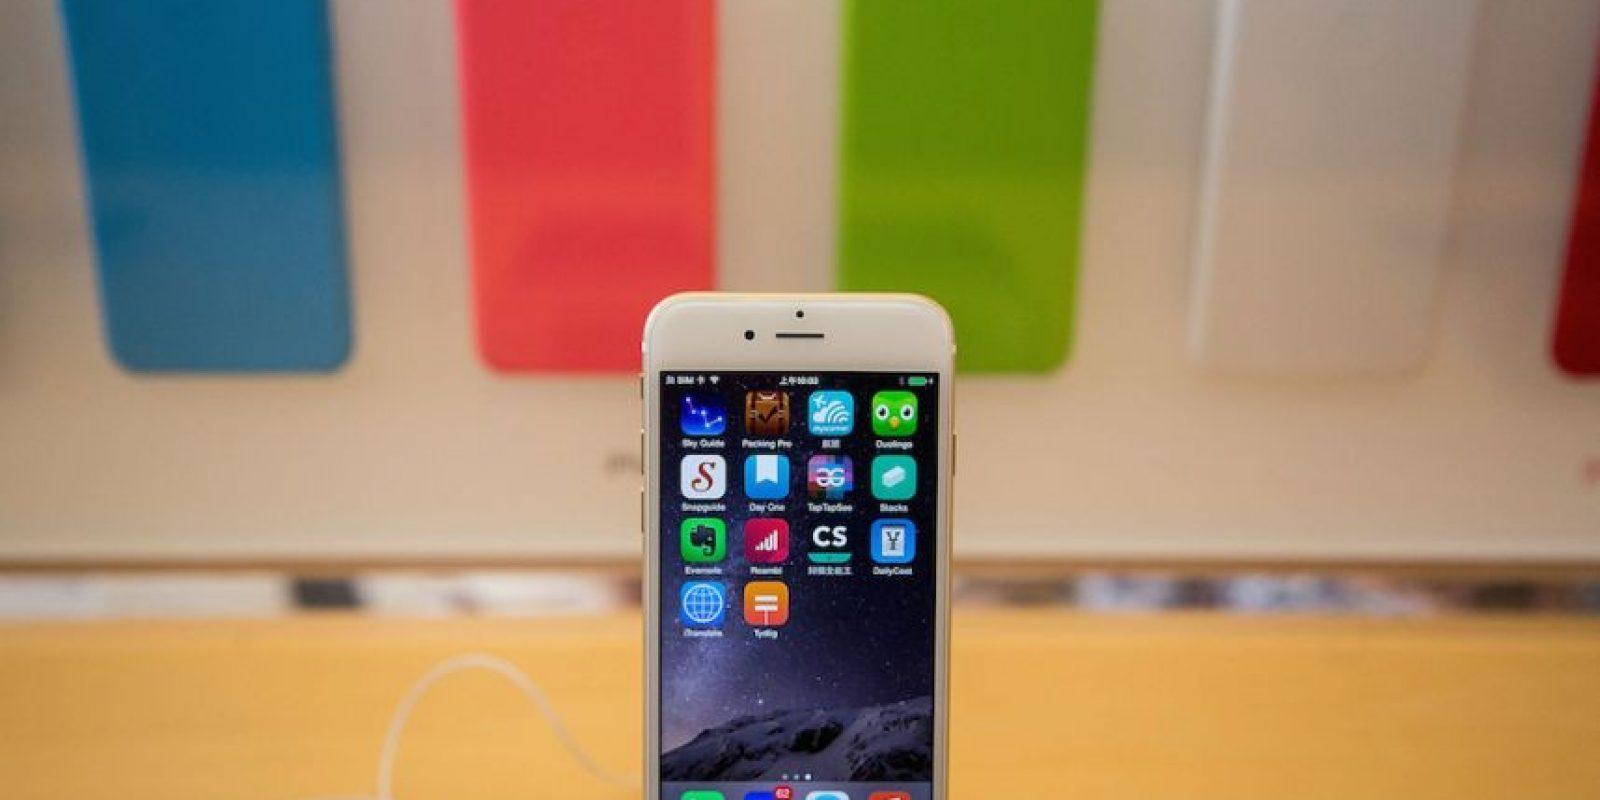 Force Touch: Una pantalla que sea sensible a la presión para obtener mejores funciones y acciones en el dispositivo. Foto:Getty Images